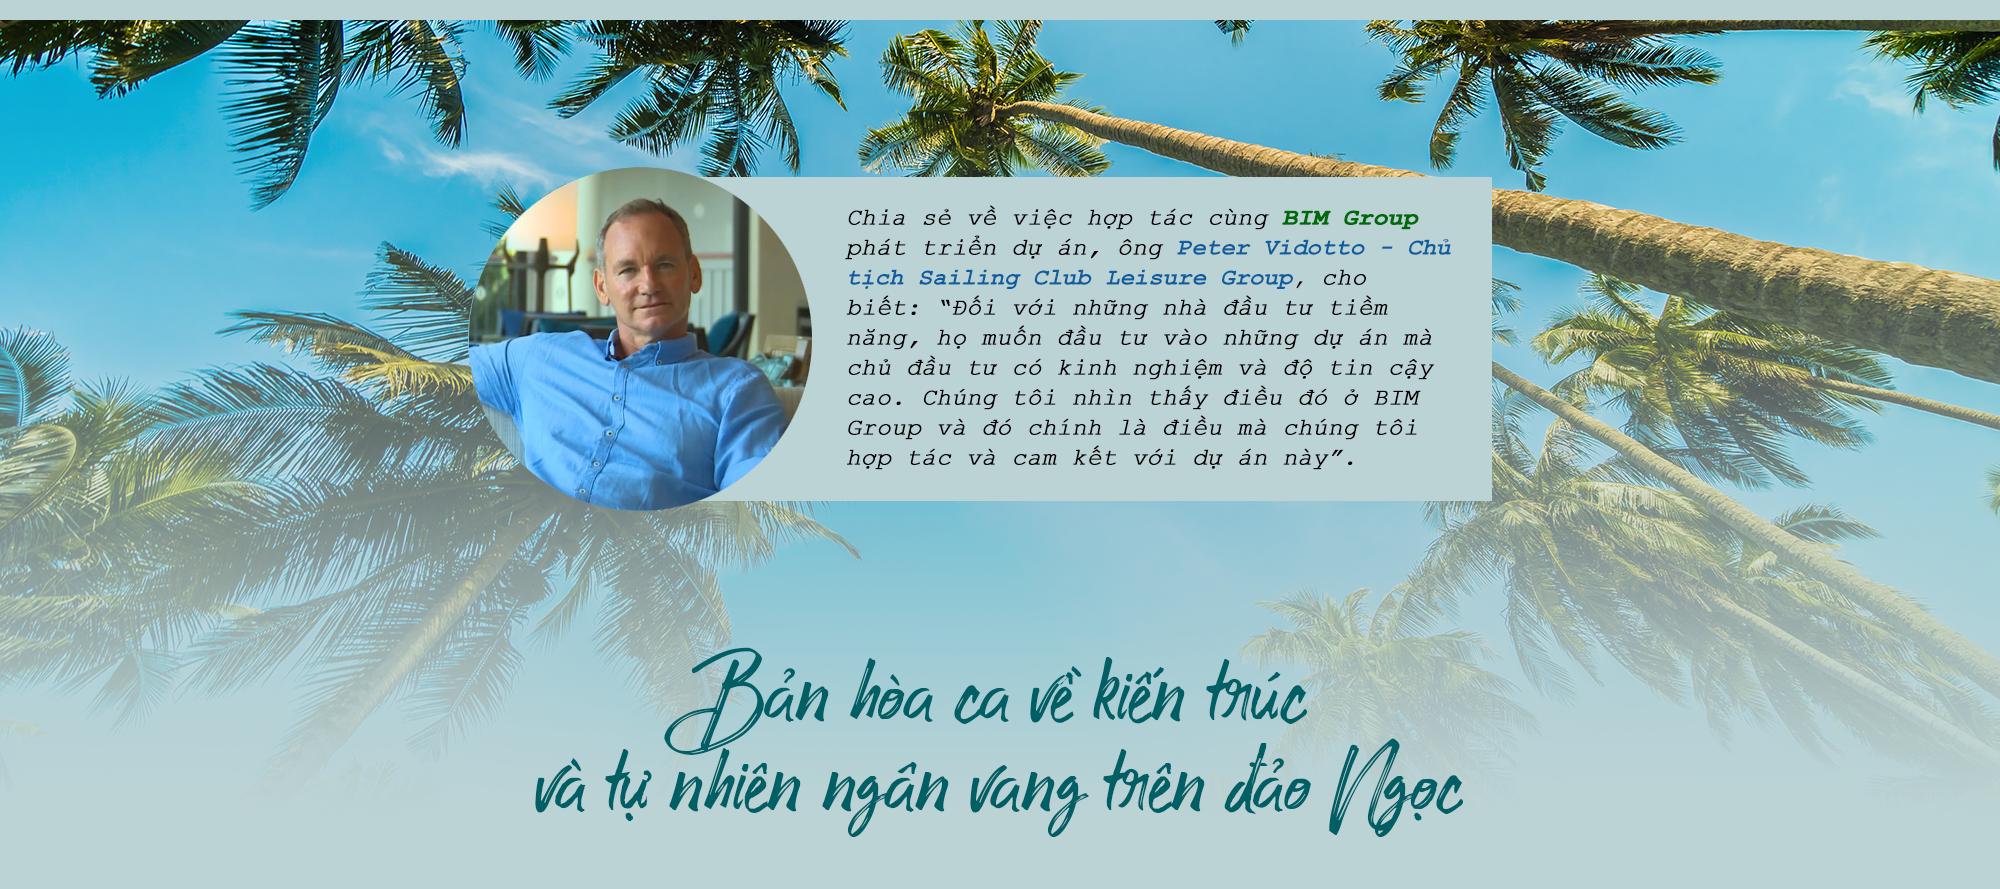 Hơi thở thiên nhiên trong những căn biệt thự của BIM Group trên đảo ngọc Phú Quốc - Ảnh 5. hơi thở thiên nhiên trong những căn biệt thự của bim group trên đảo ngọc phú quốc - 415-15532232284701564099422 - Hơi thở thiên nhiên trong những căn biệt thự của BIM Group trên đảo ngọc Phú Quốc